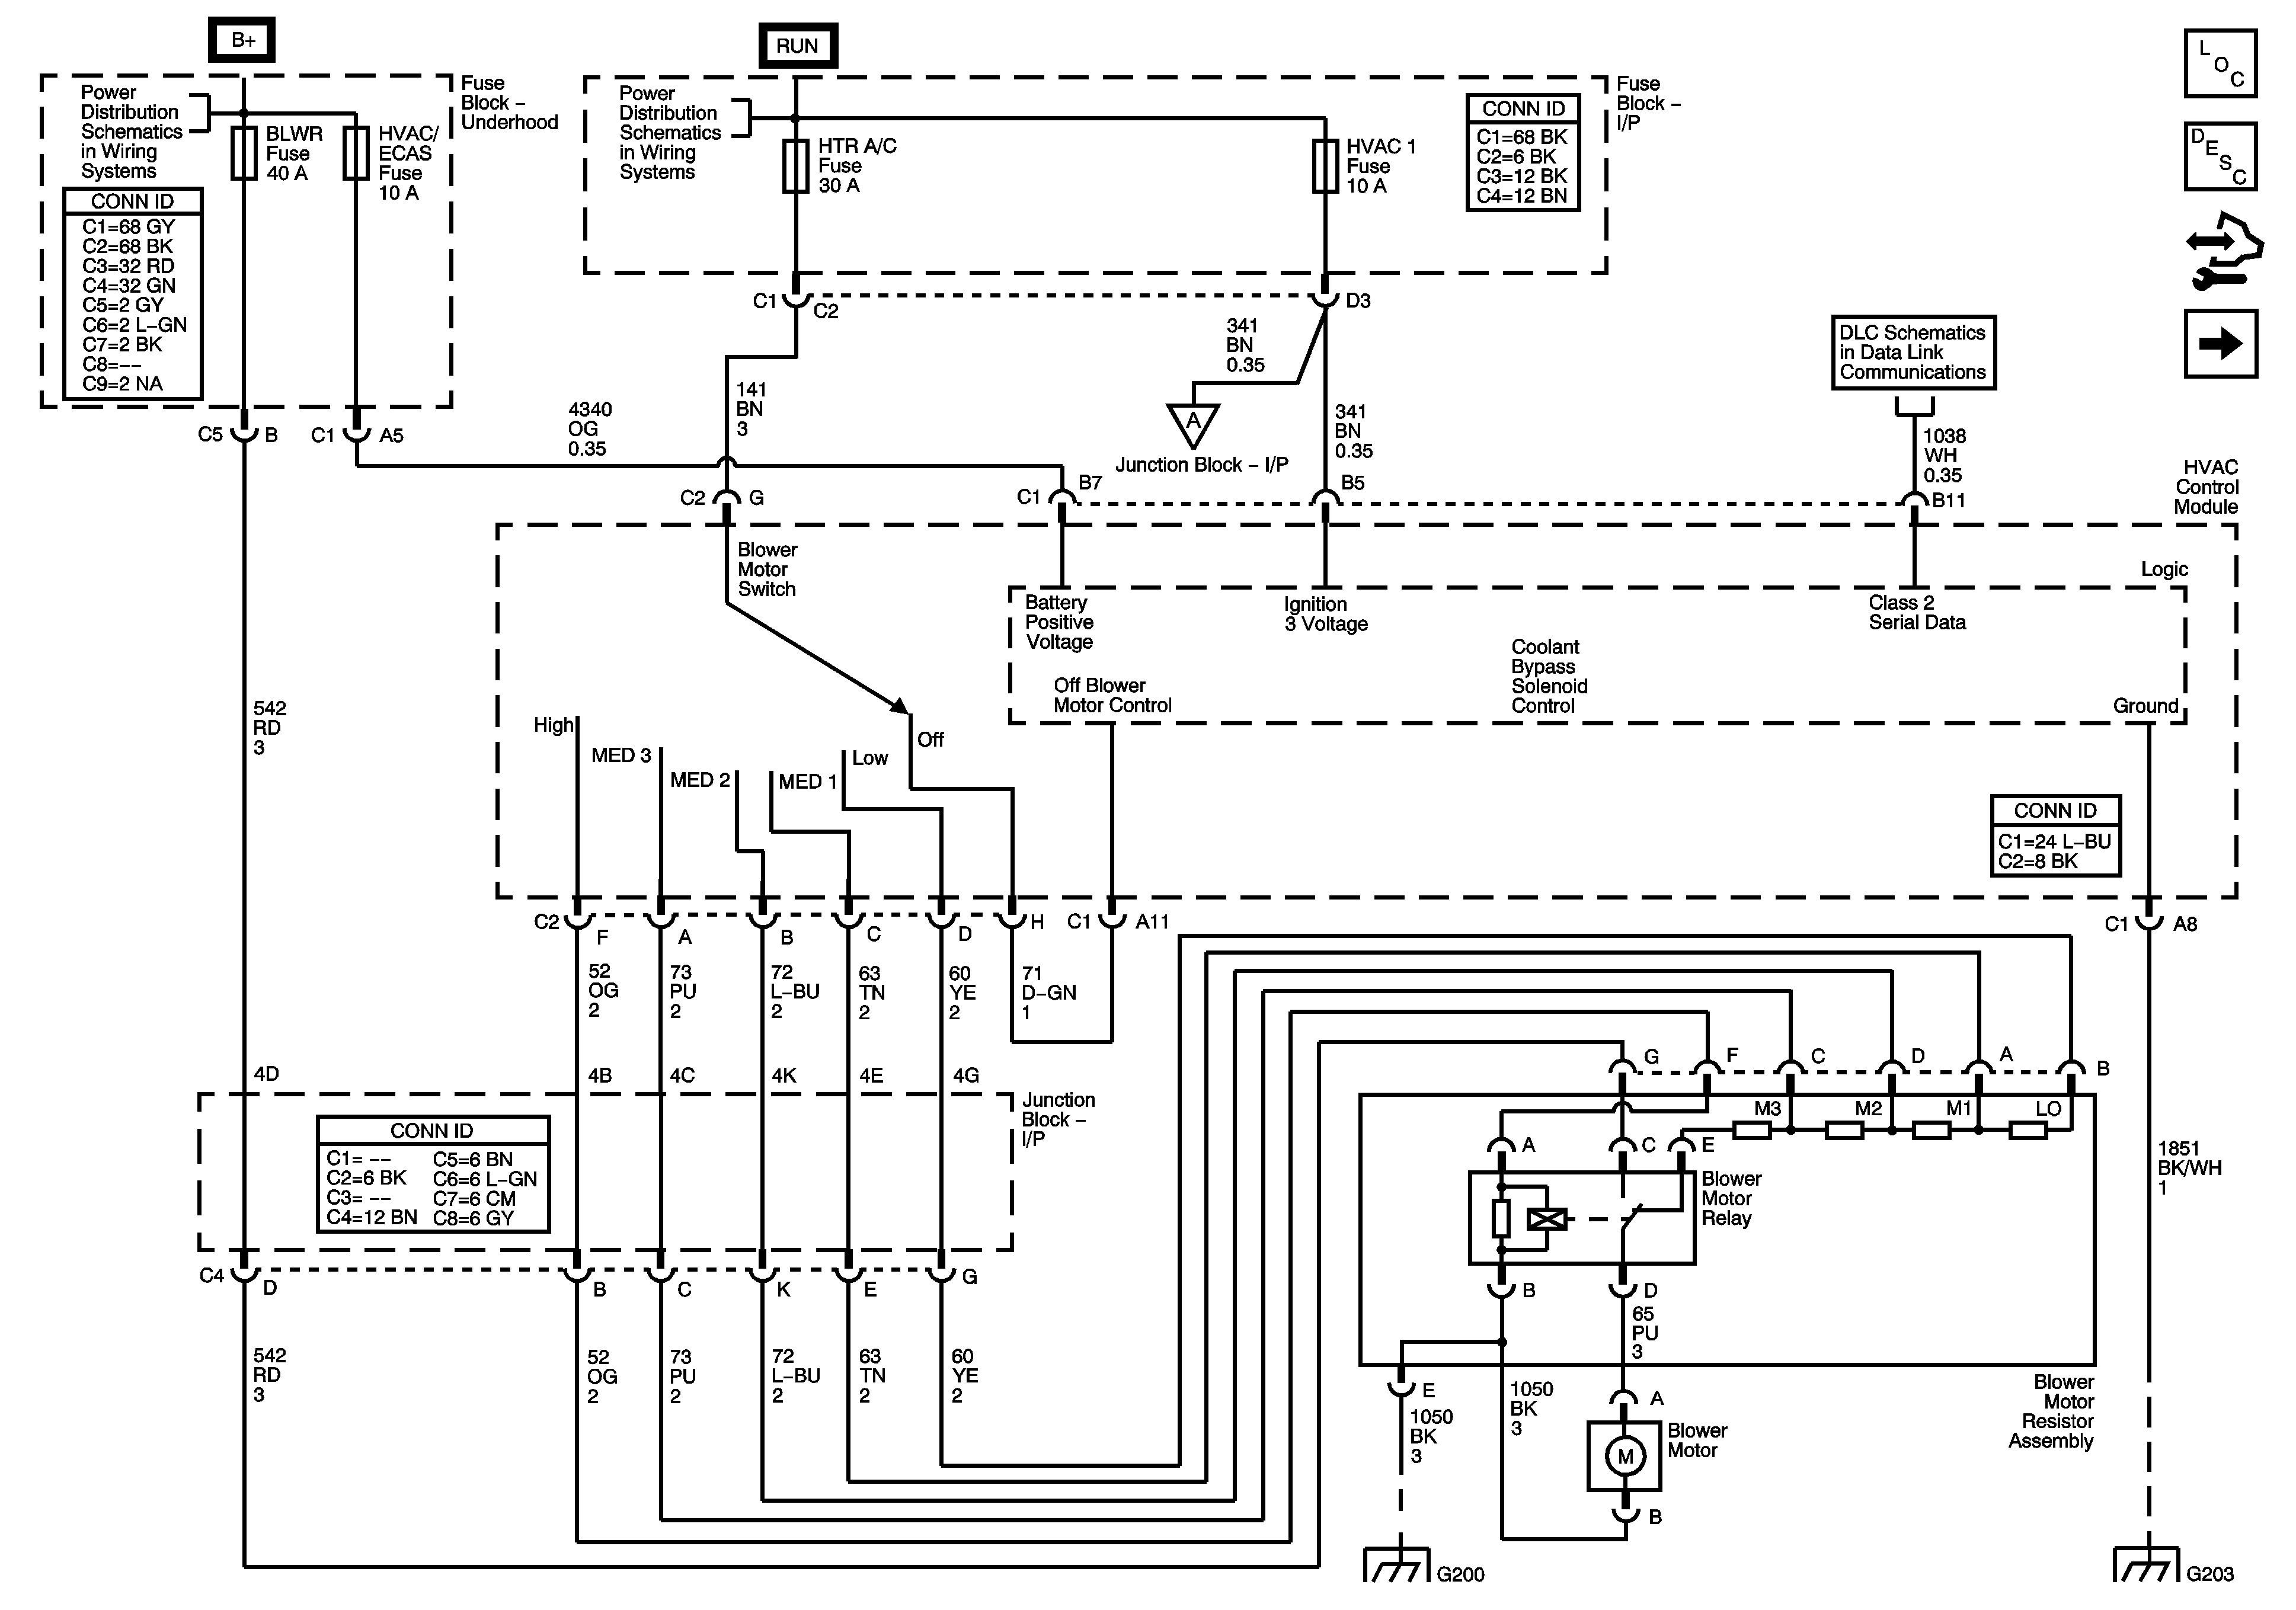 Brake Light Wiring Diagram 1994 Gmc Sierra Roger Vivi Ersaks 2004 Gmc Trailer Wiring Diagram Of Brake Light Wiring Diagram 1994 Gmc Sierra